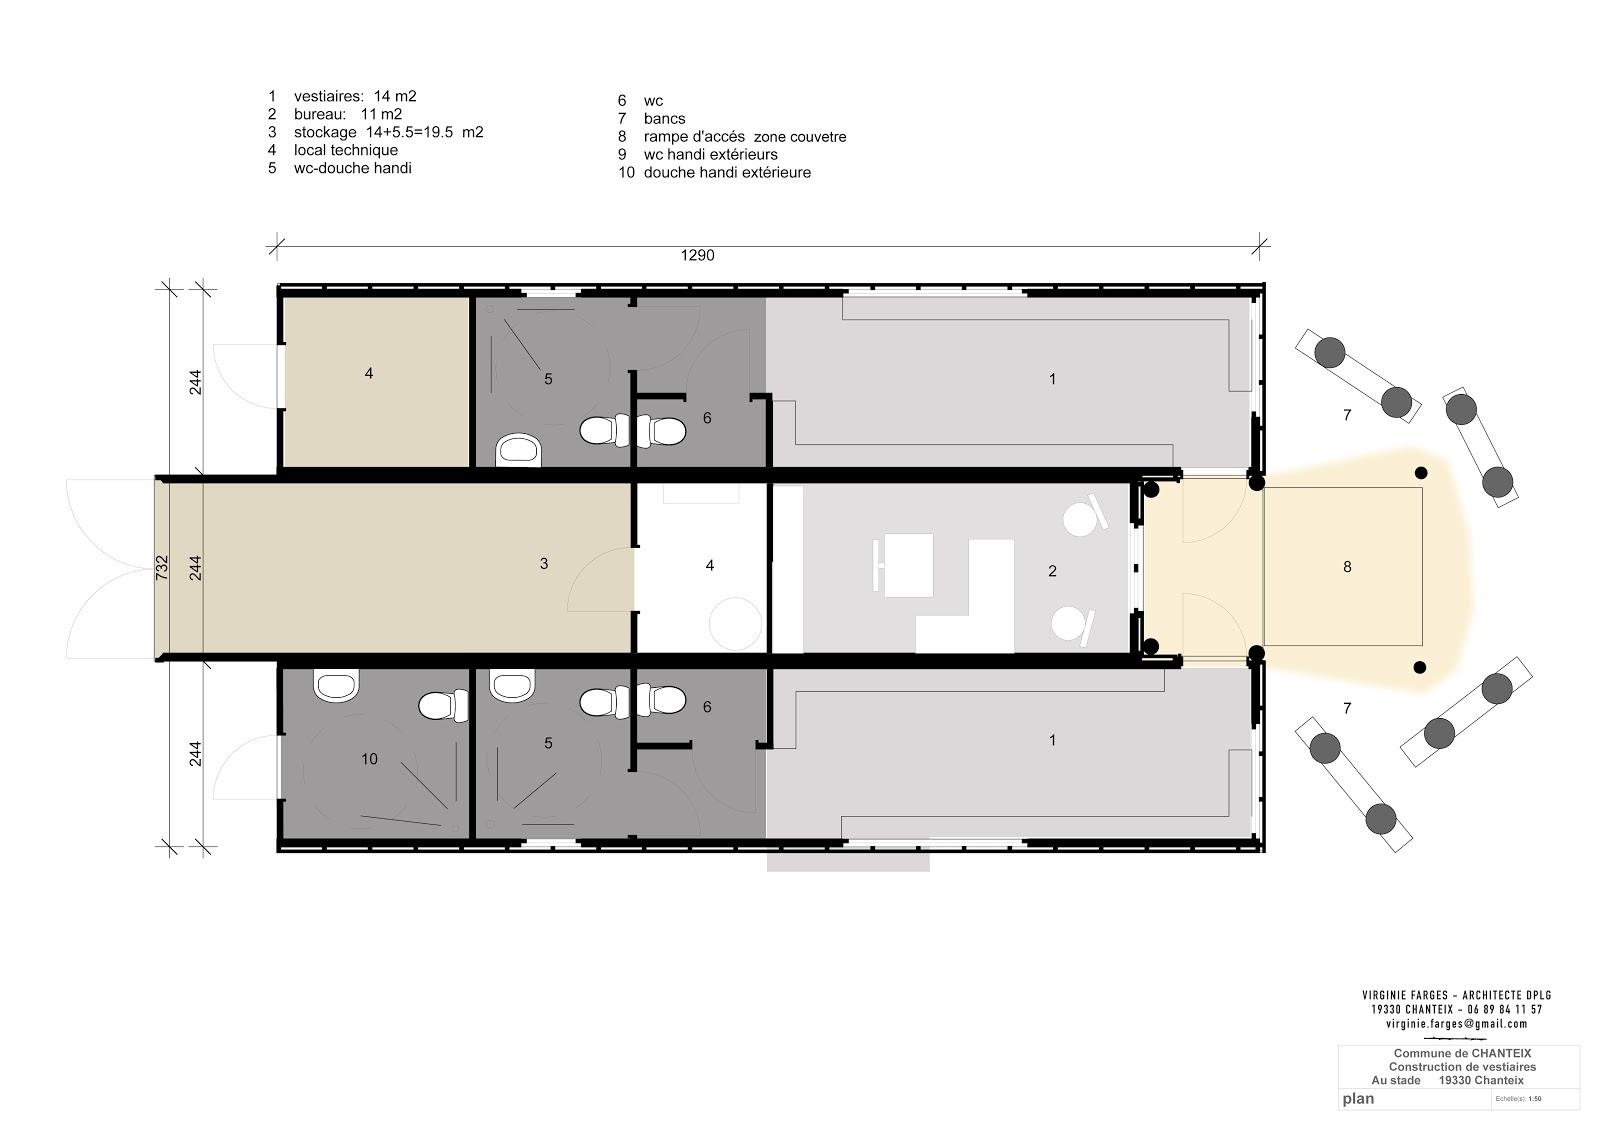 virginie farges architecture cologique corr ze limousin brive limoges m doc gironde maison. Black Bedroom Furniture Sets. Home Design Ideas